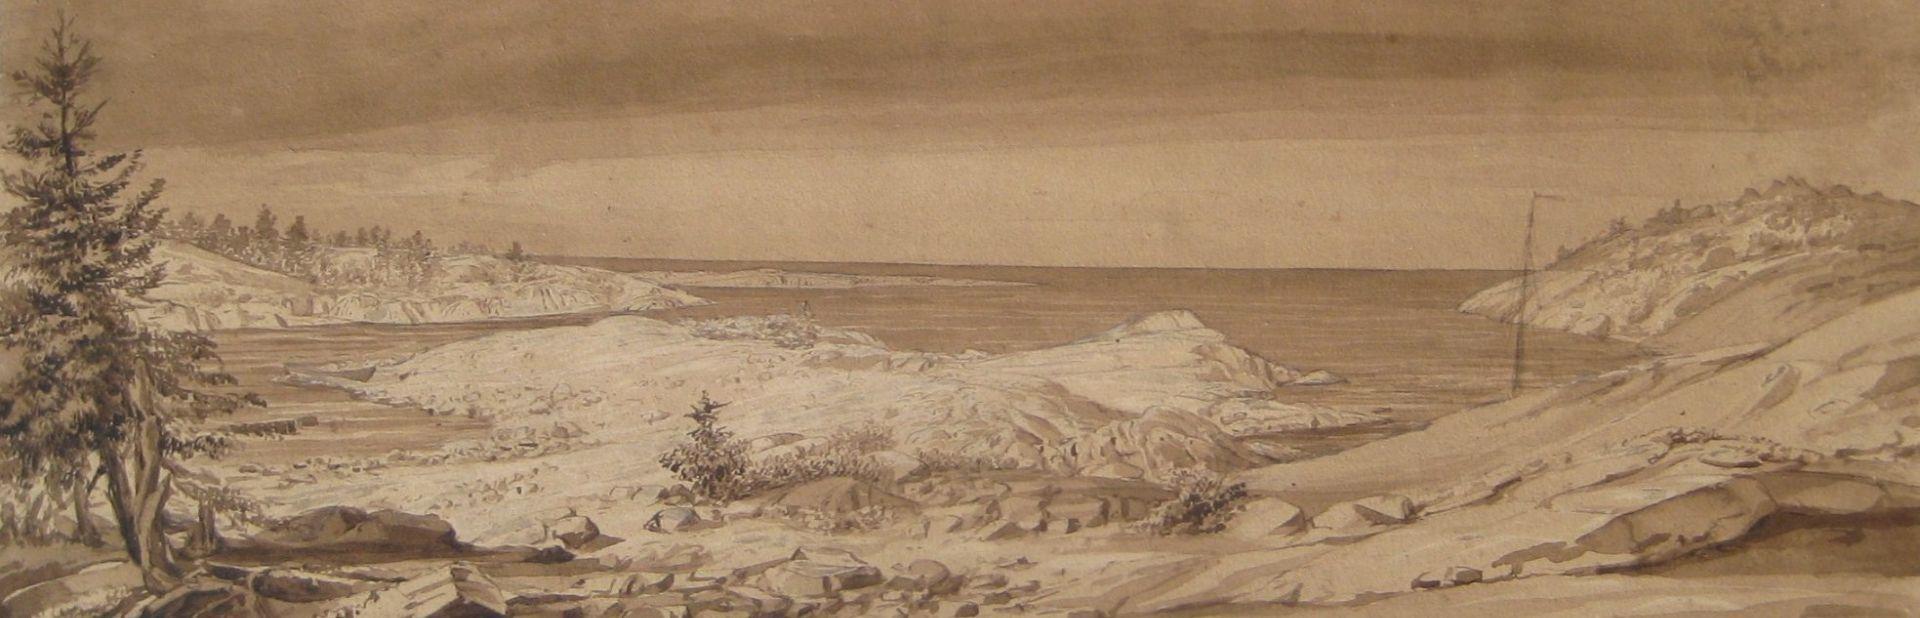 Bannerbild